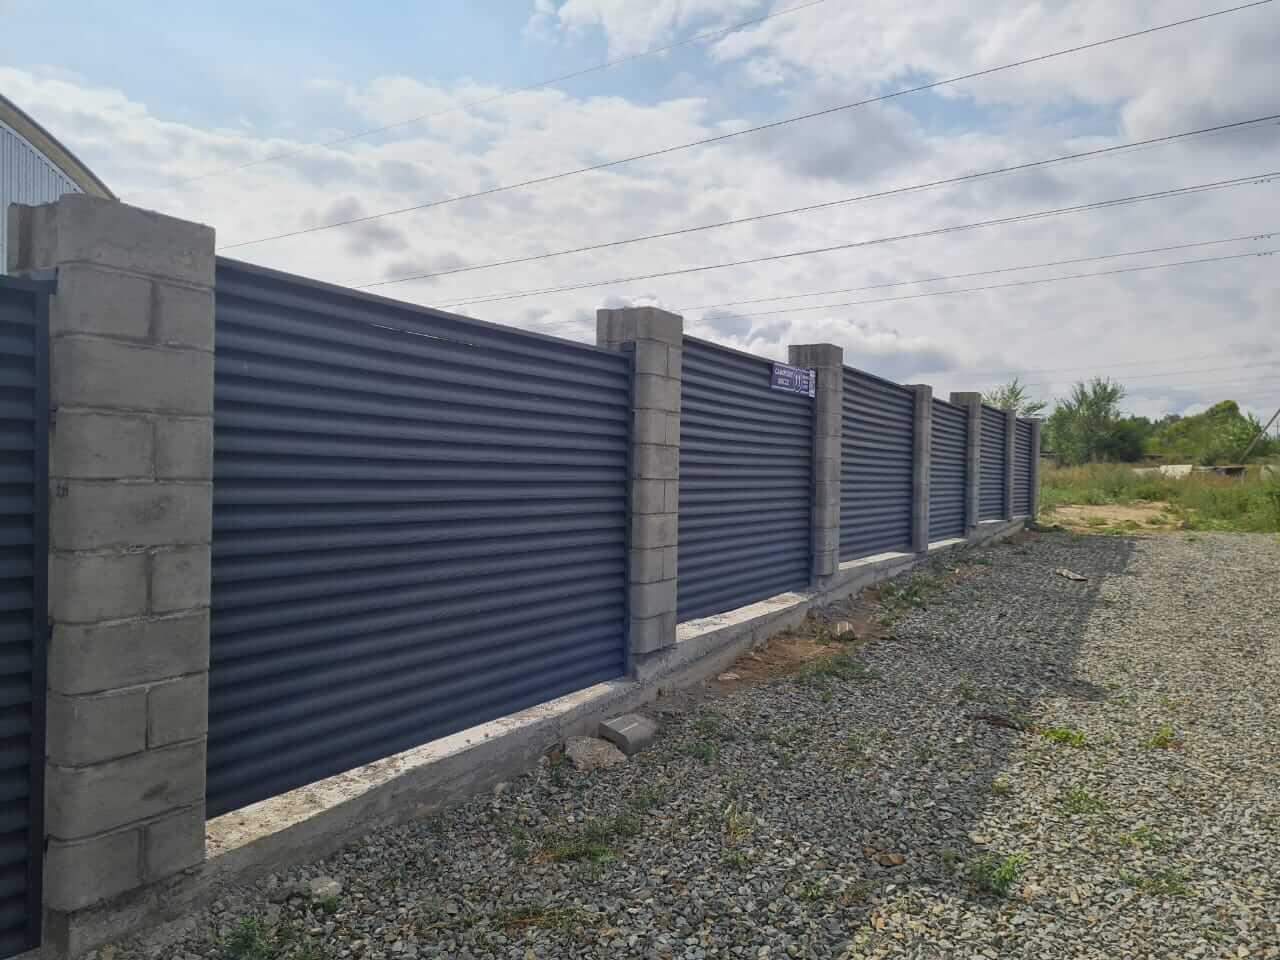 забор-жалюзи серый графит матовый фото5